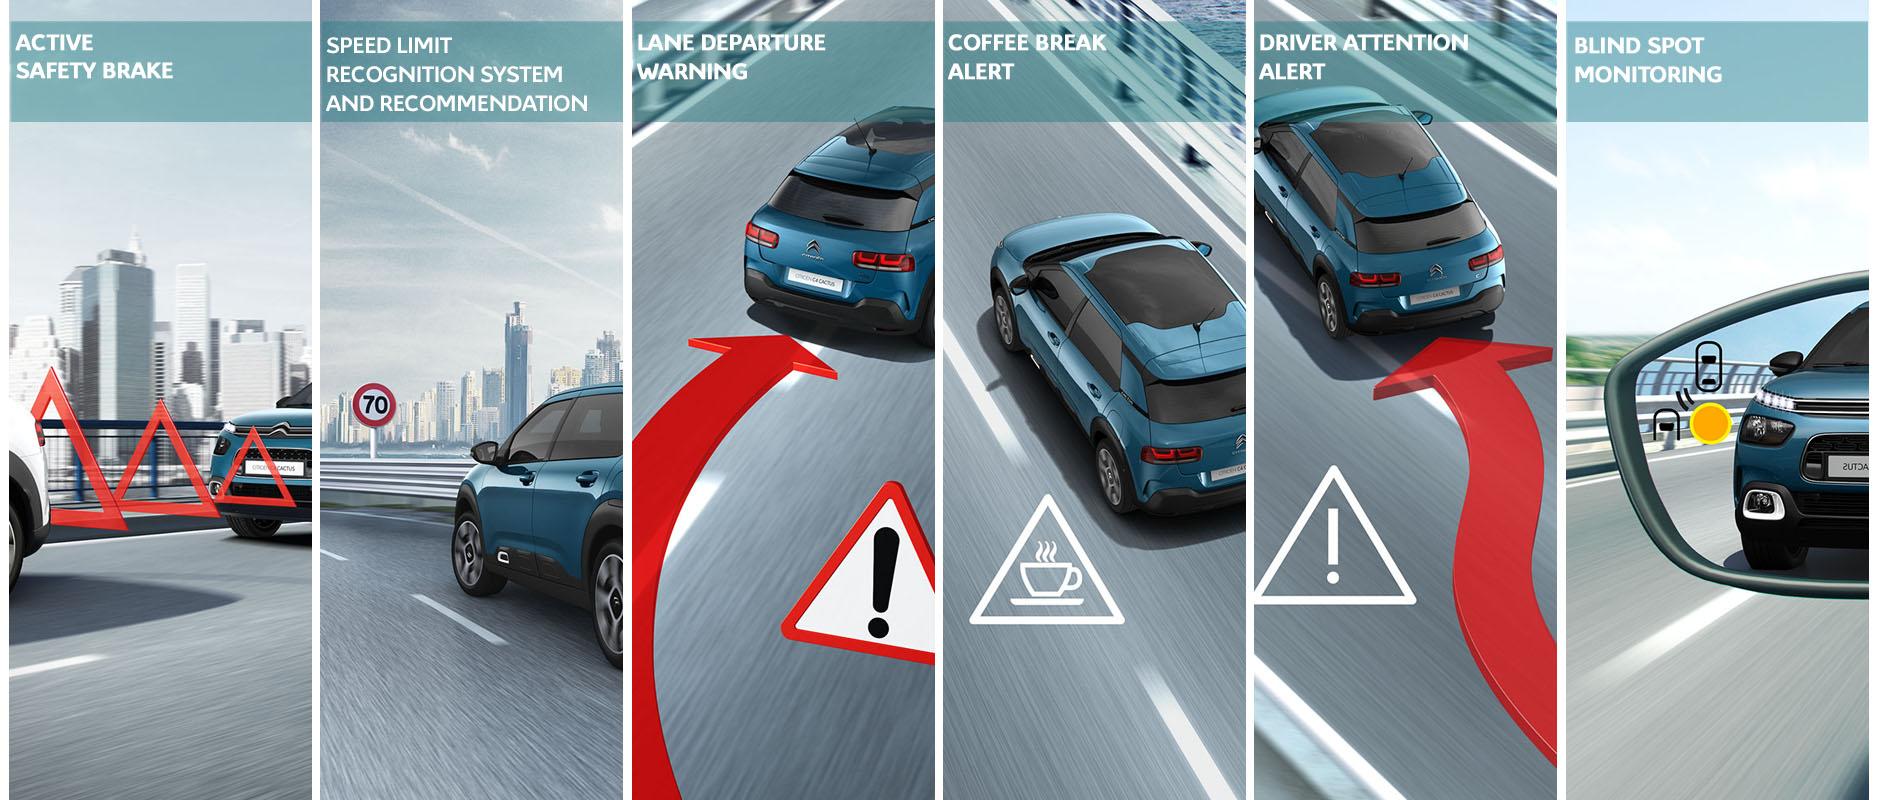 La Sécurité et les 12 aides à la conduite